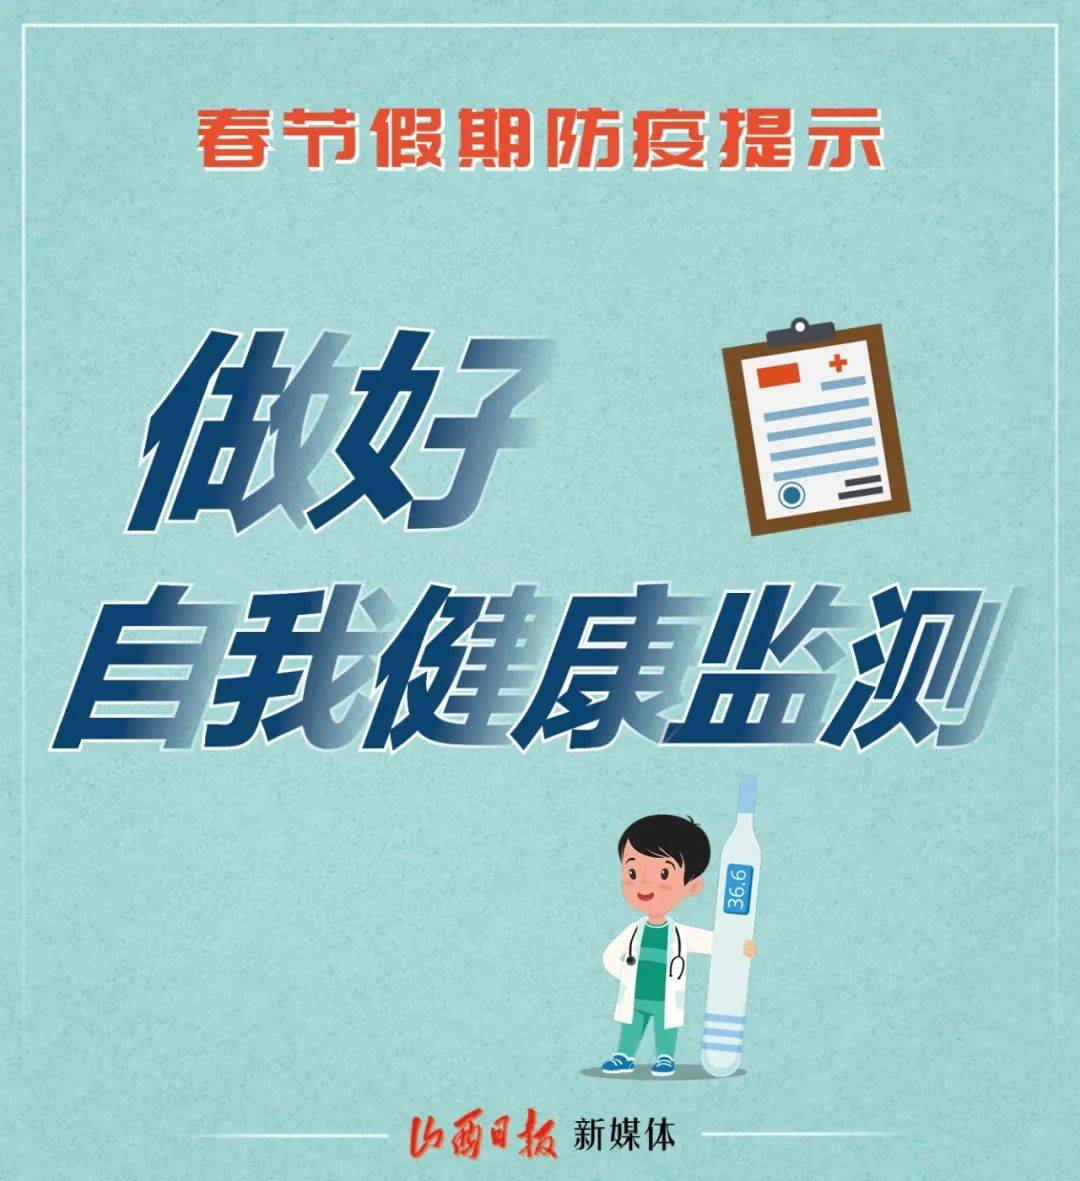 海报丨字不多,很重要!春节假期防控提示  第5张